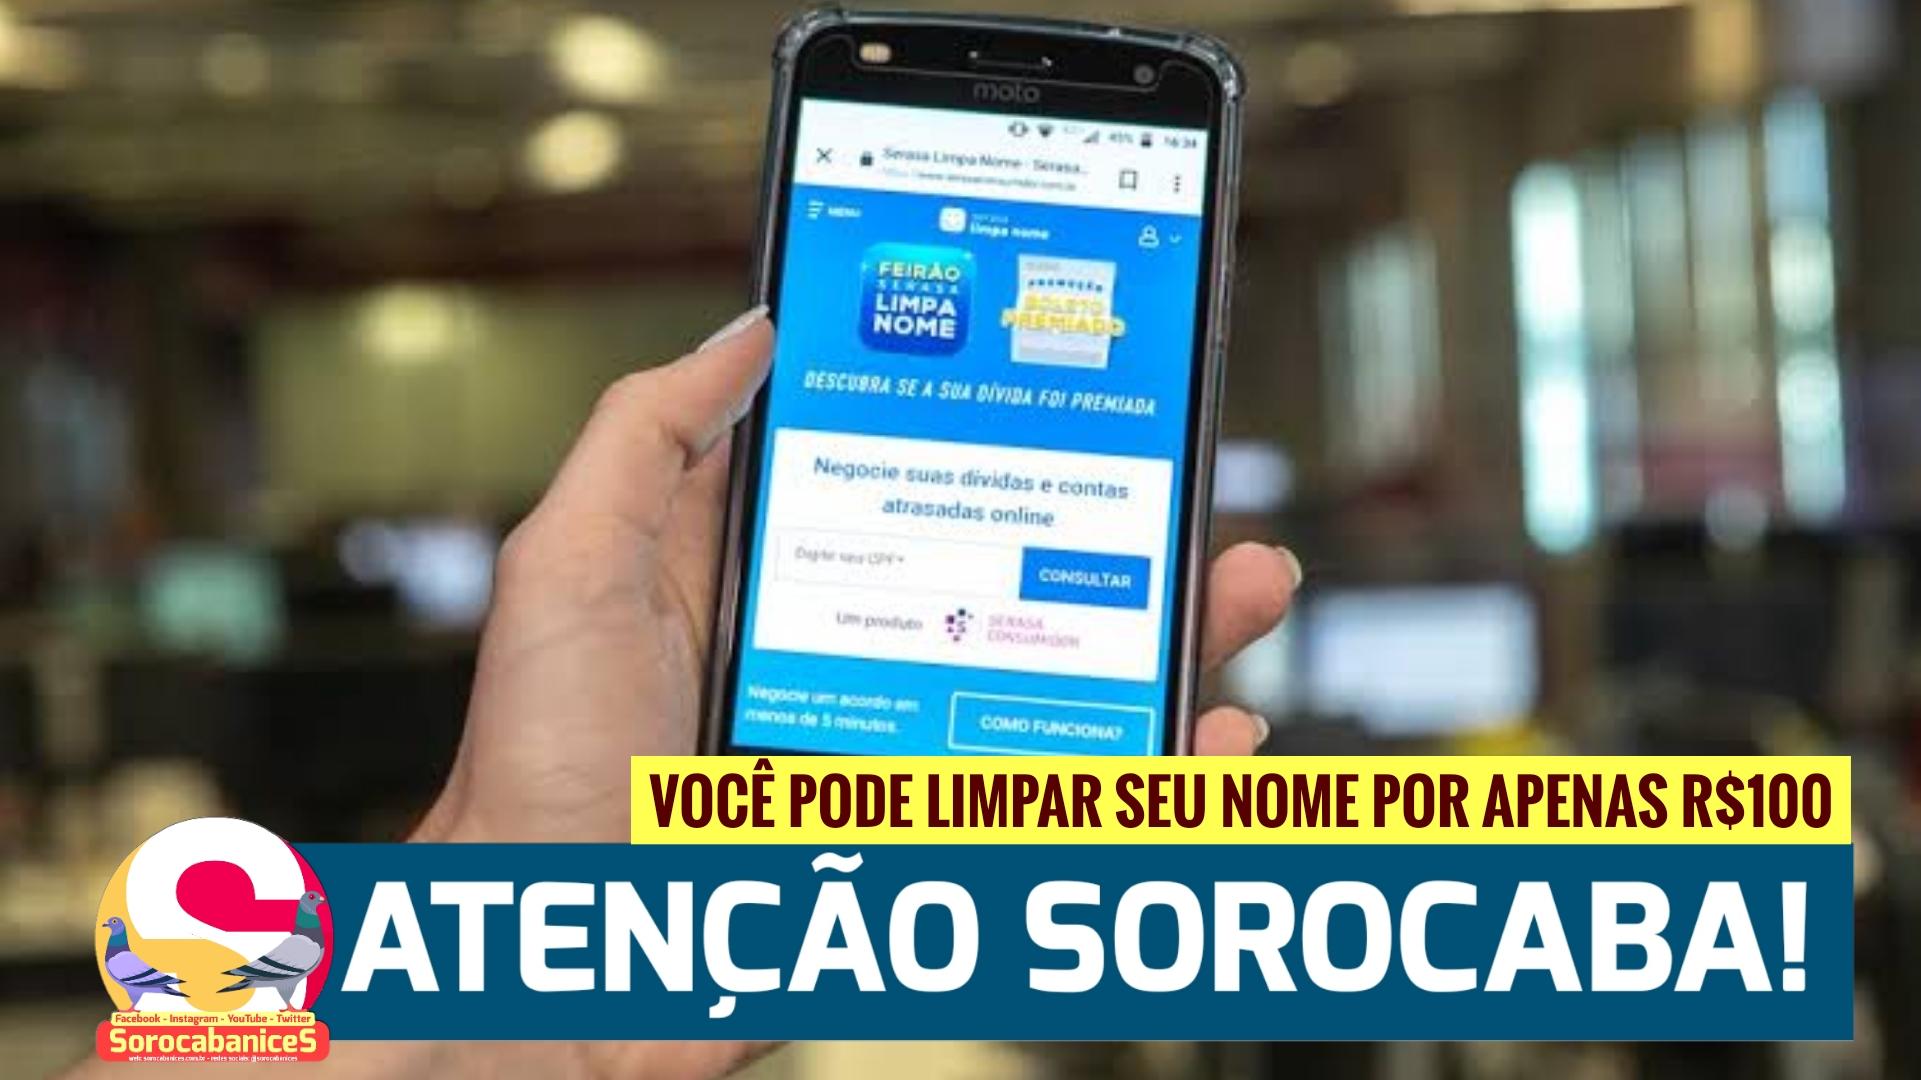 Atenção Sorocaba: Serasa lança campanha para limpar nome por R$ 100